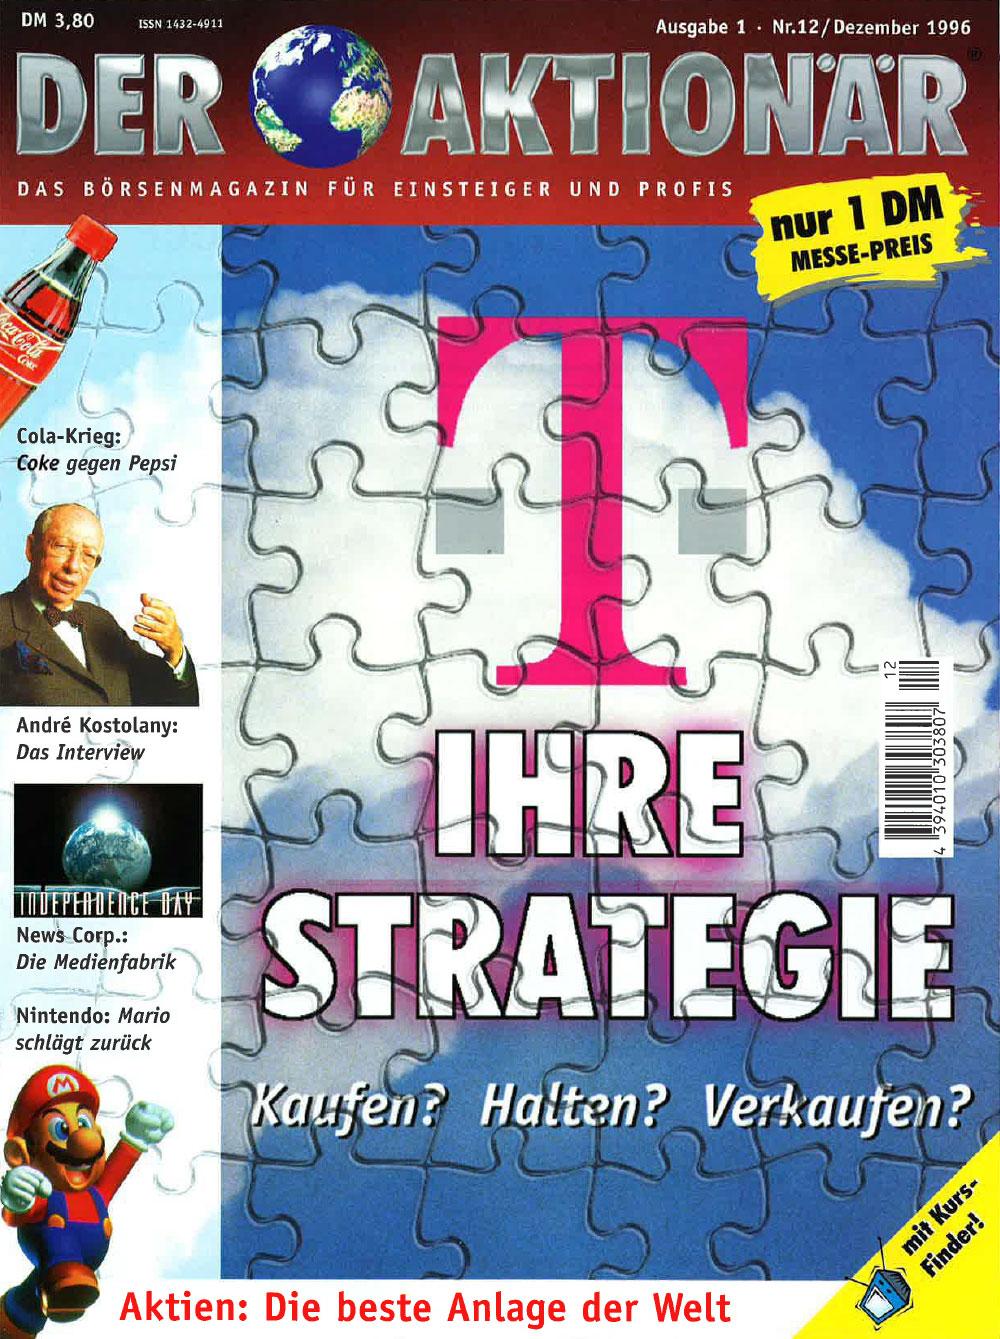 DER AKTIONÄR Dezember 1996: Ihre Strategie